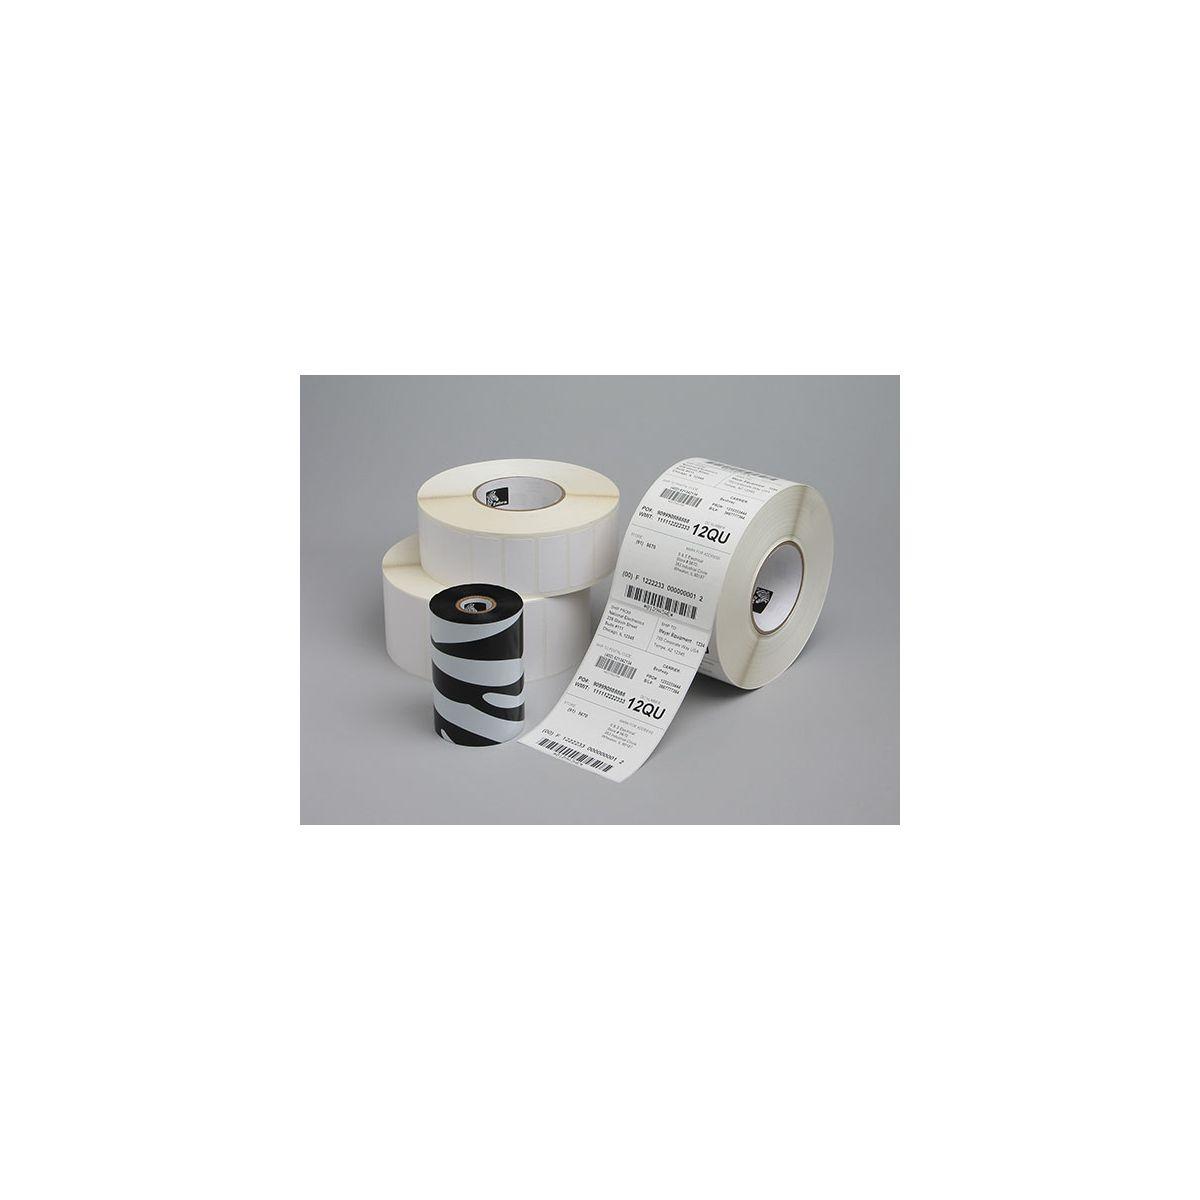 Rollo de Etiquetas Zebra 25mm x 20mm Z-Xtreme 5000T White